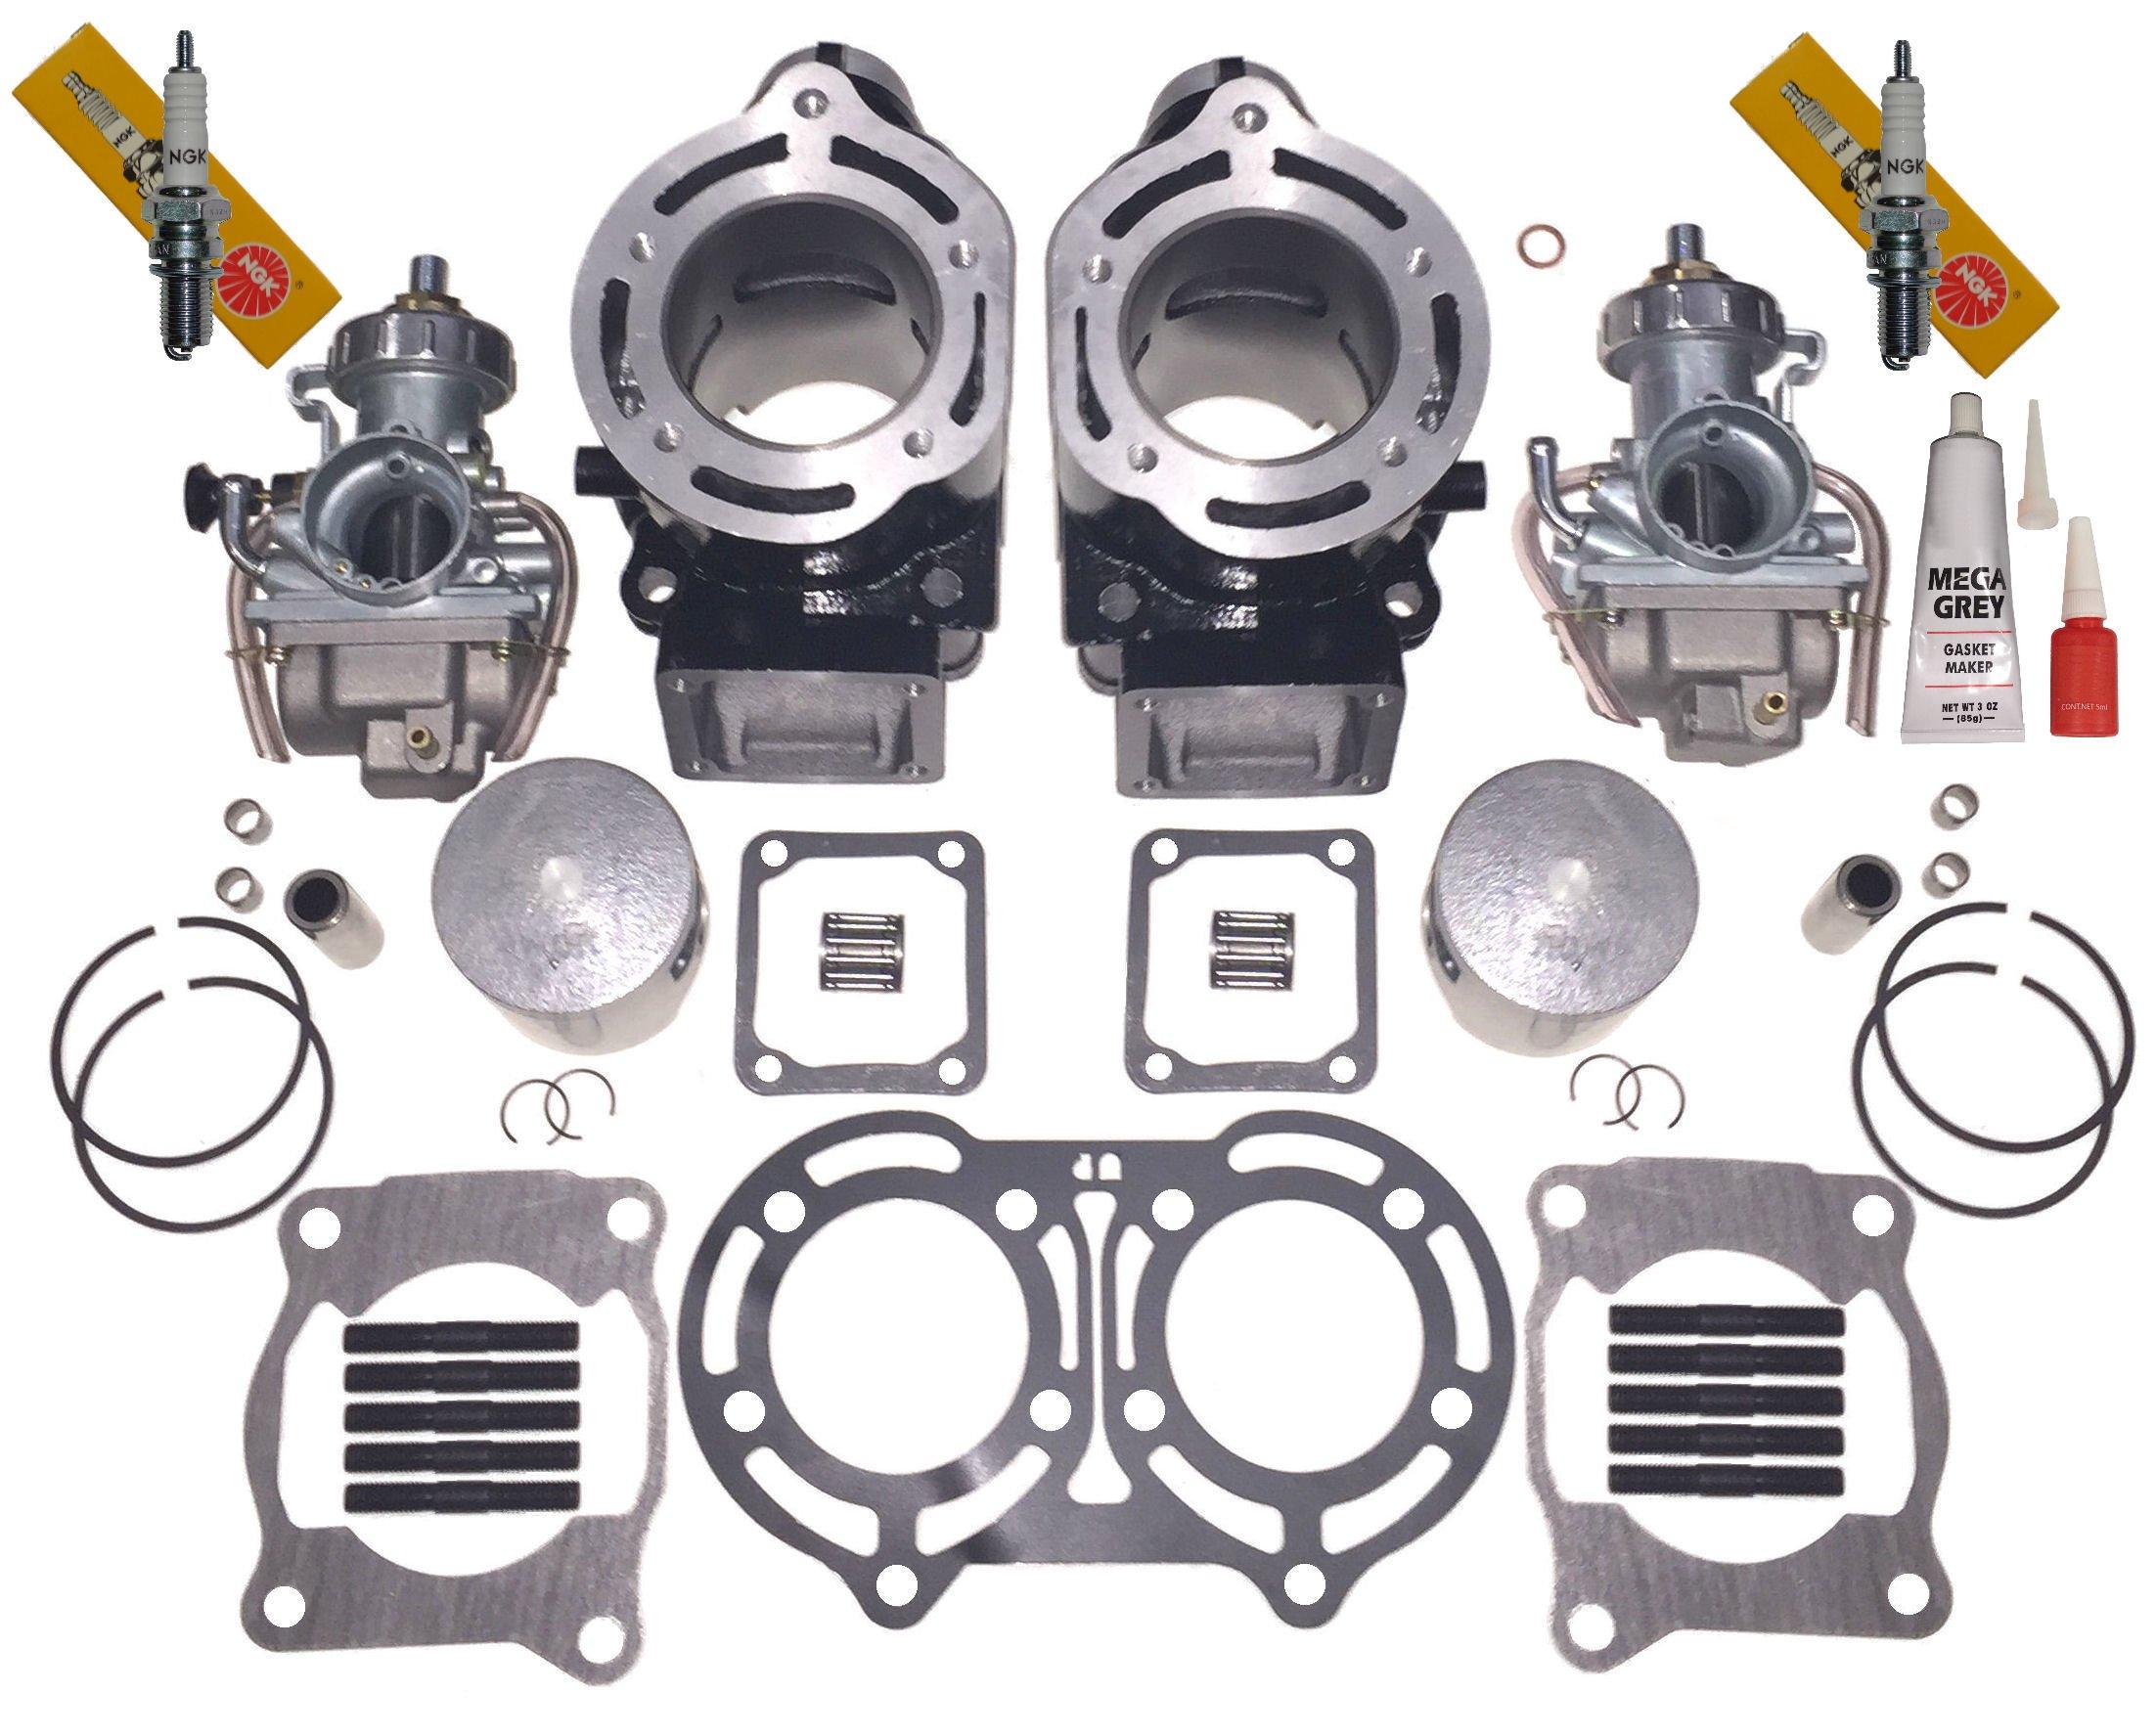 Piston Kit For 1987-2006 Yamaha Banshee YFZ350 YFZ350LE YF350SE YF350SP Replaces 2GU-11610-01-00 2GU-11610-11-00